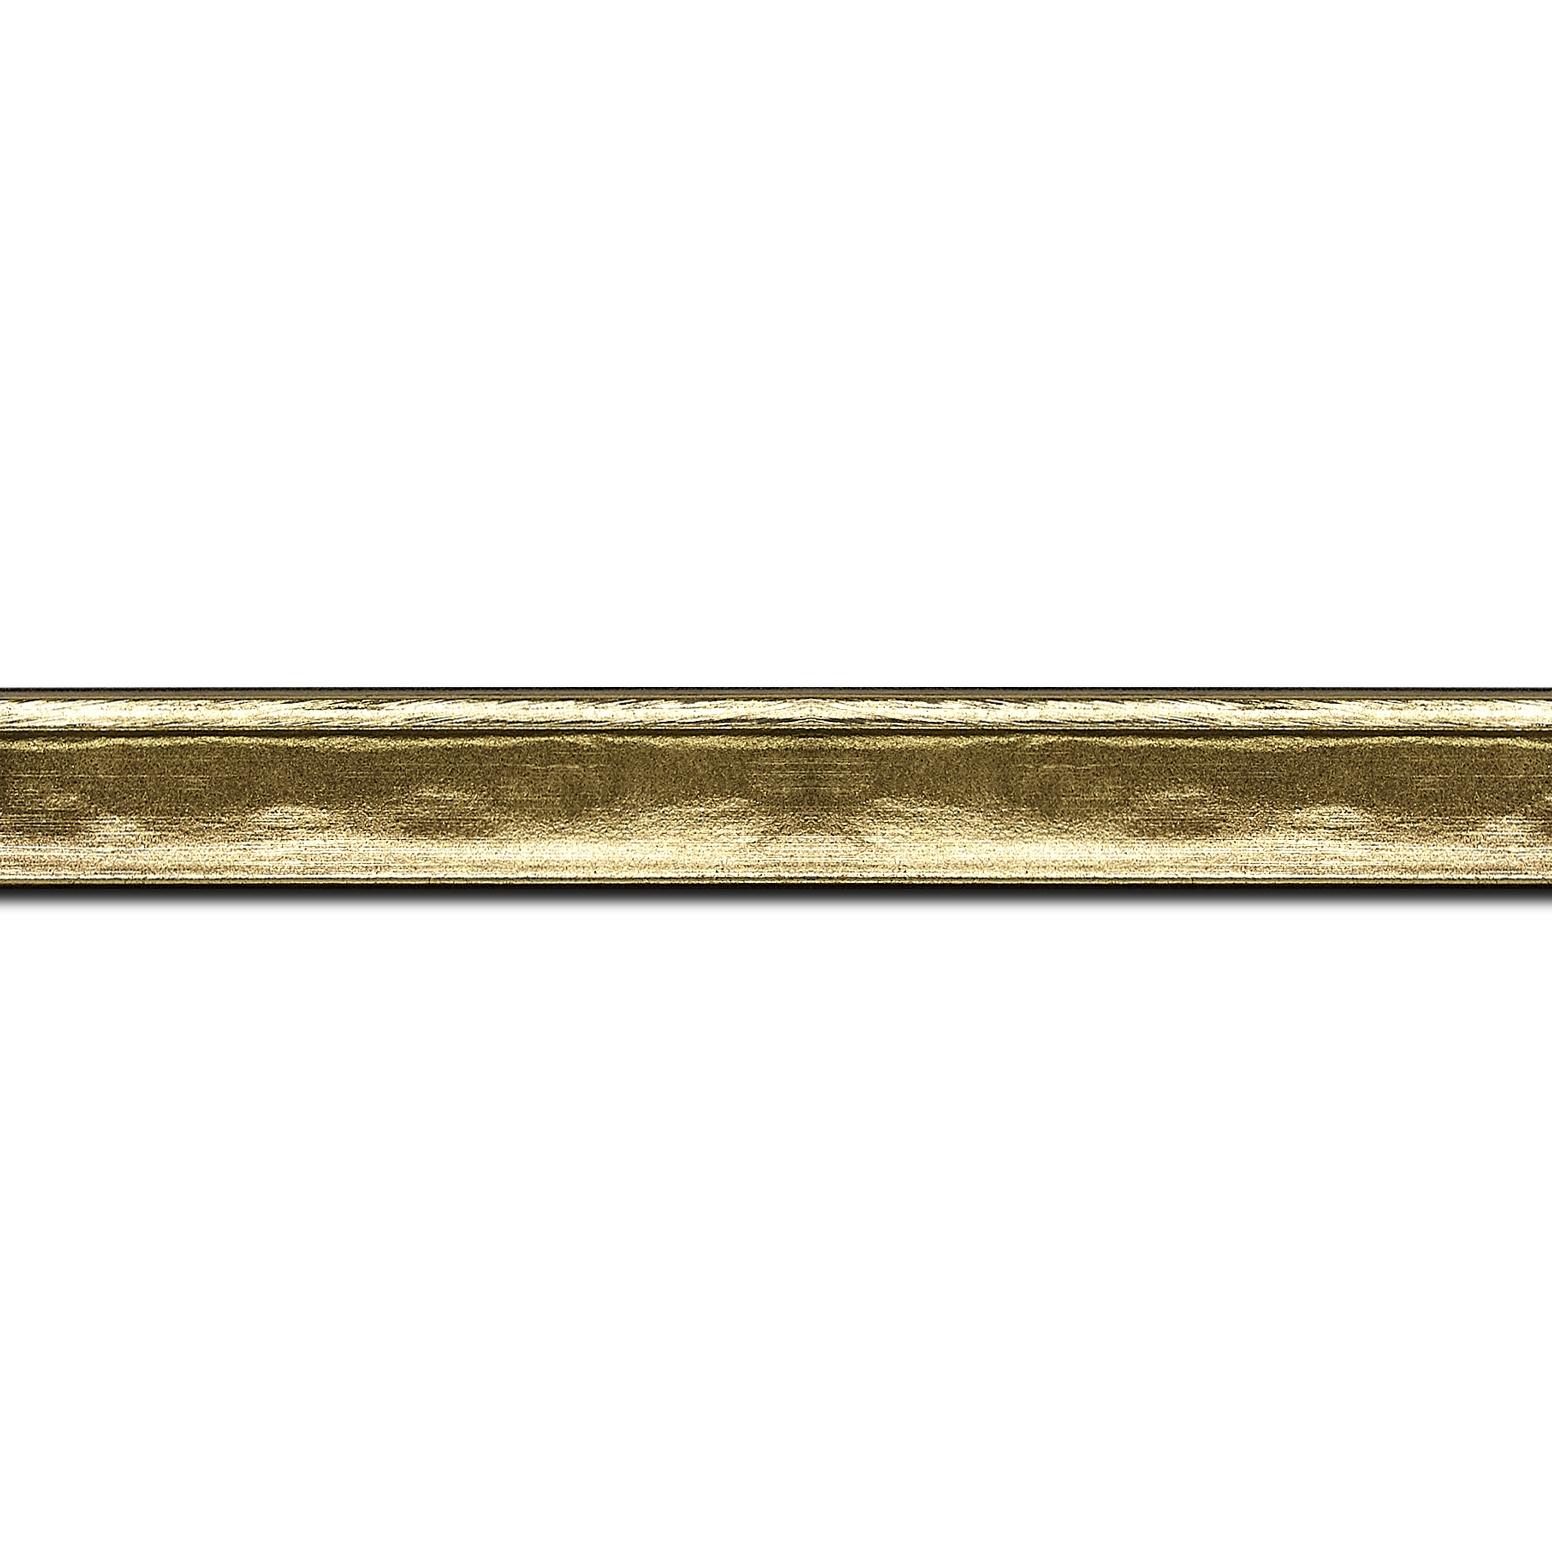 Pack par 12m, bois profil incurvé largeur 2cm or bosselé(longueur baguette pouvant varier entre 2.40m et 3m selon arrivage des bois)